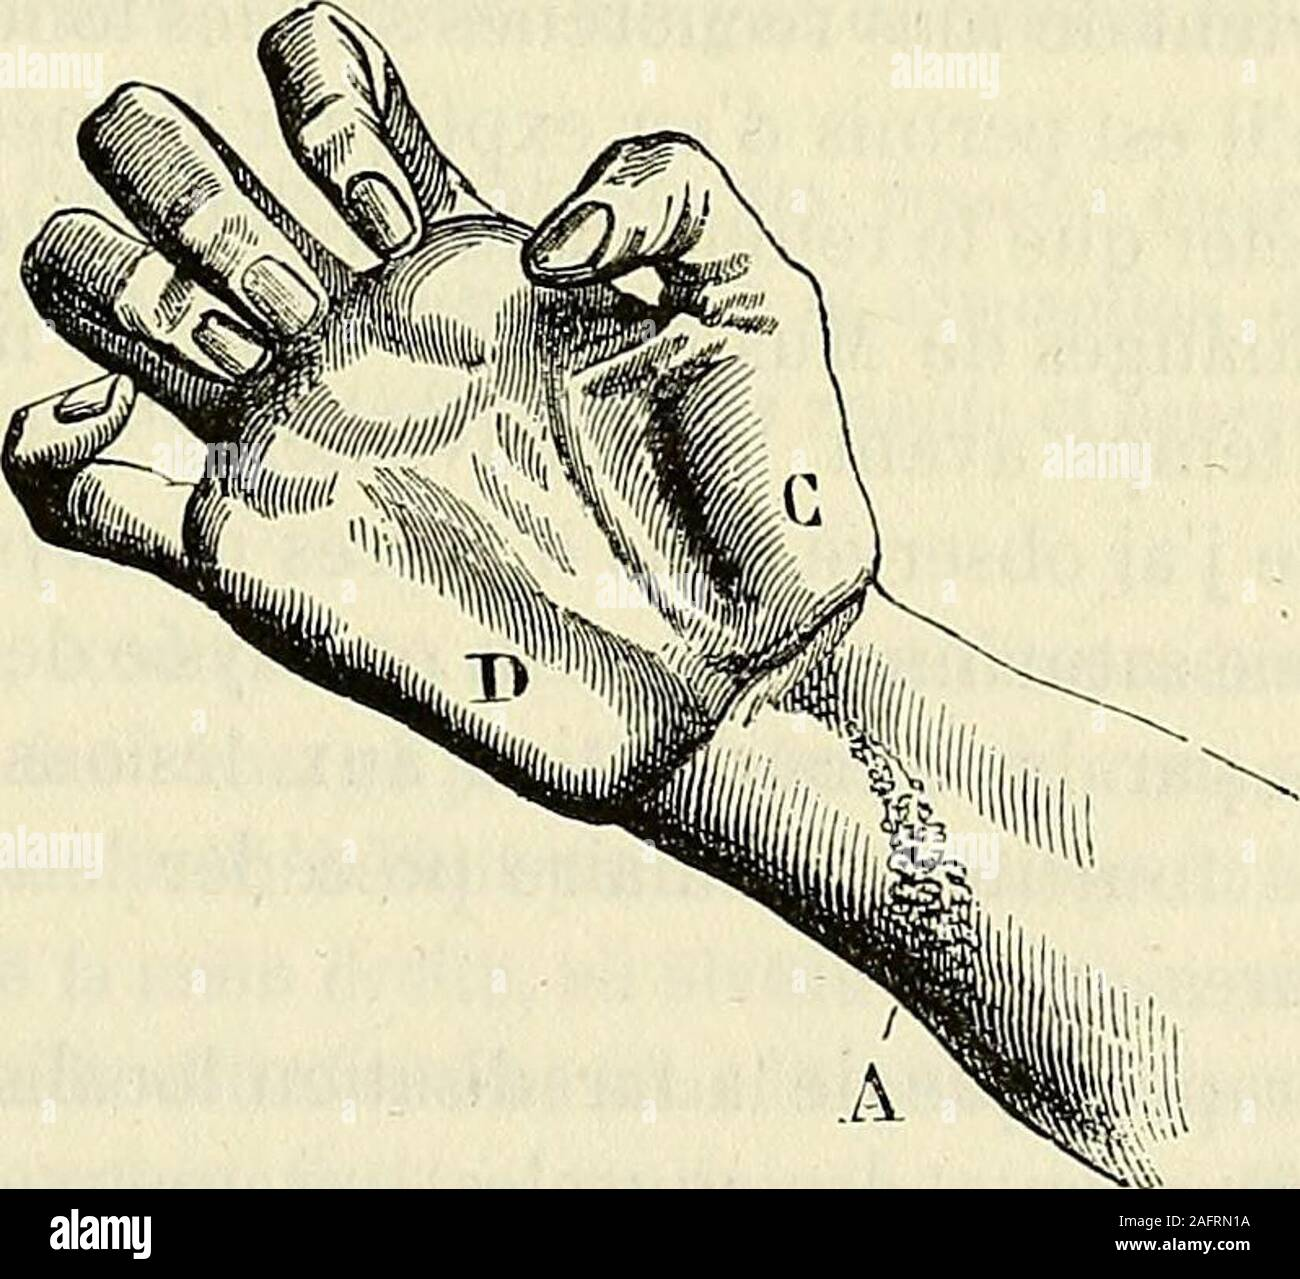 . De l'électrisation localisée et de son application a la pathologie et a la thérapeutique. FiG. 36. — Attitude de la main de Musset tenant une plume pourécriref après le trailement. rapide, que Musset put, au mois daoût, écrire et dessiner, et bien quil eûtinterrompu son traitement pendant plusieurs mois et à plusieurs reprises,les premières phalanges de lindex et du médius se fléchirent à angle droitsur les métacarpiens ; les deux dernières sétendirent complètement ; quantà lattitude et aux mouvements volontaires des deux derniers doigts, ilsfurent aussi en voie damélioration, et il nest pas Stock Photo